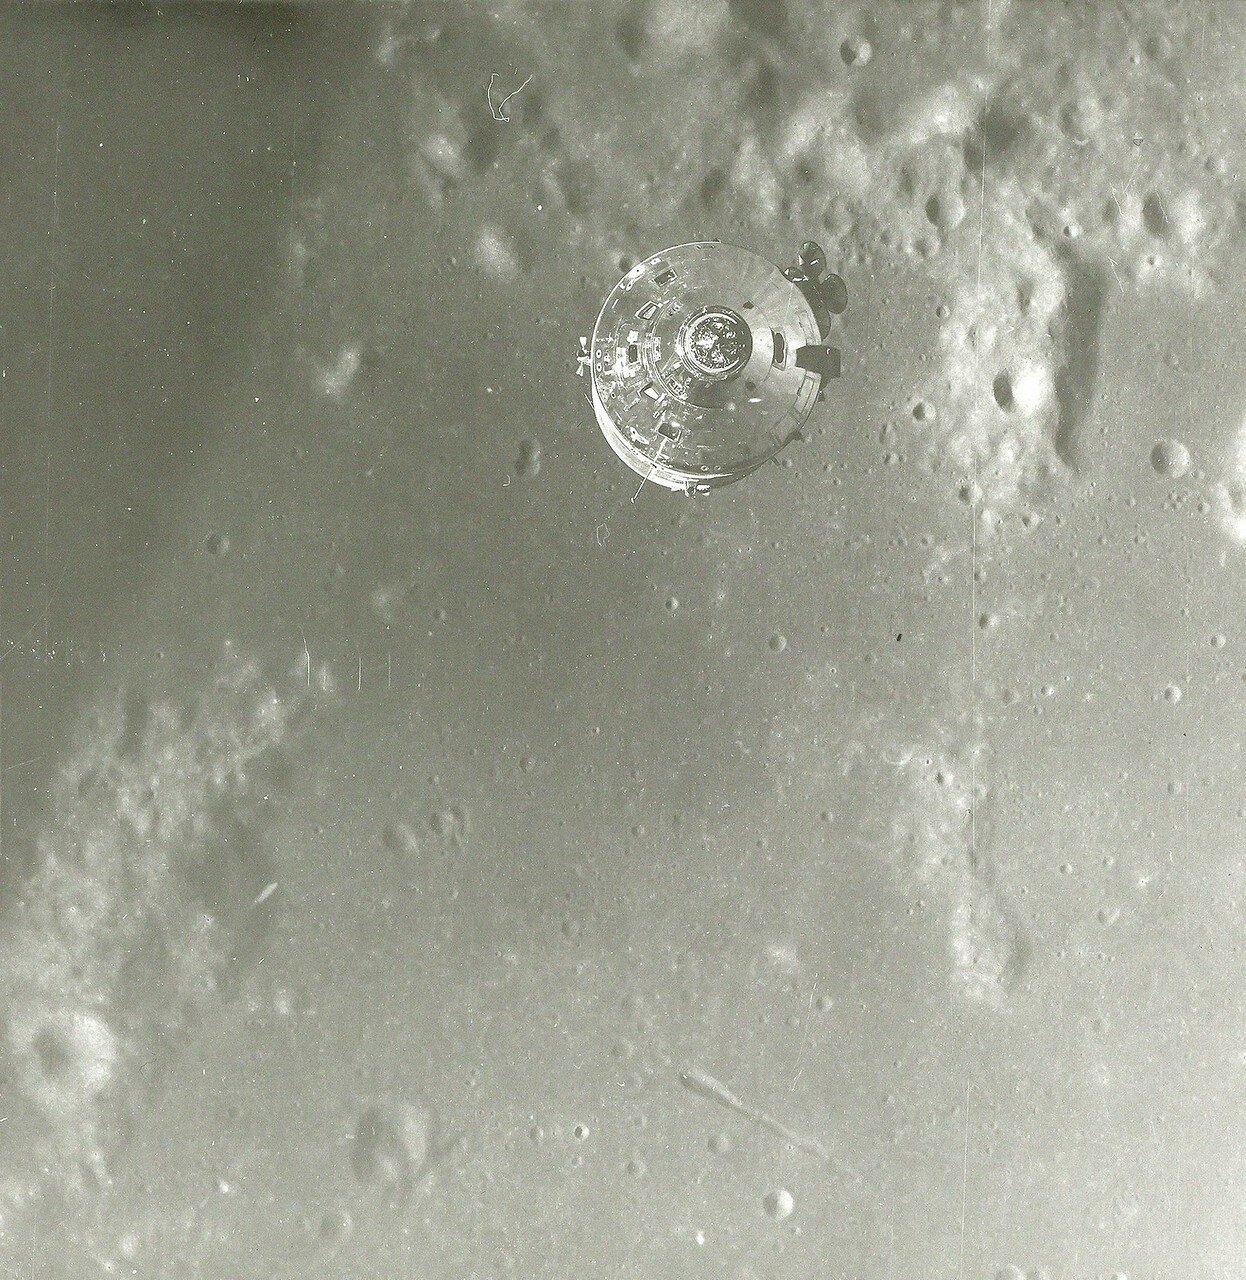 1969. май. В 98 часов 47 минут 16 секунд полётного времени Янг на шесть секунд включил вспомогательные двигатели командного модуля для увода его от лунного модуля. В течение примерно полувитка проводились испытания радиолокатора лунного модуля, обеспечива